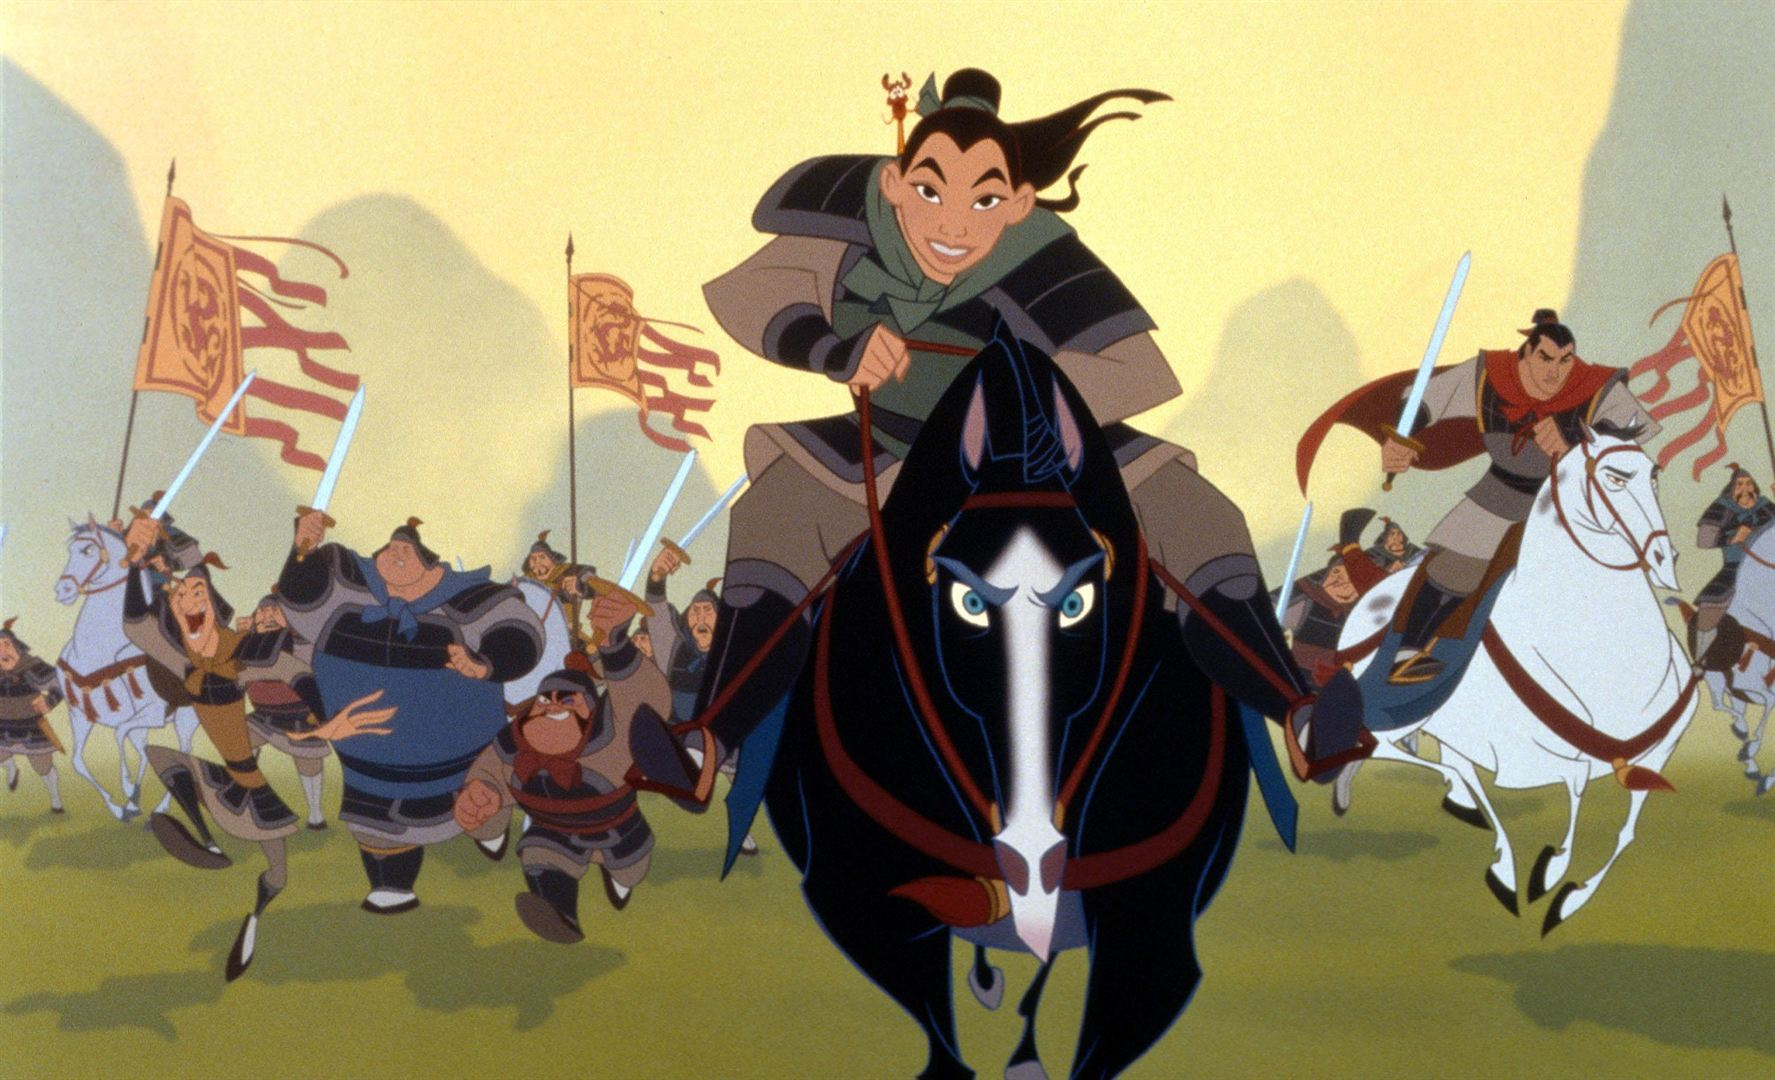 Première image de la nouvelle Mulan en prises de vue réelles dévoilée